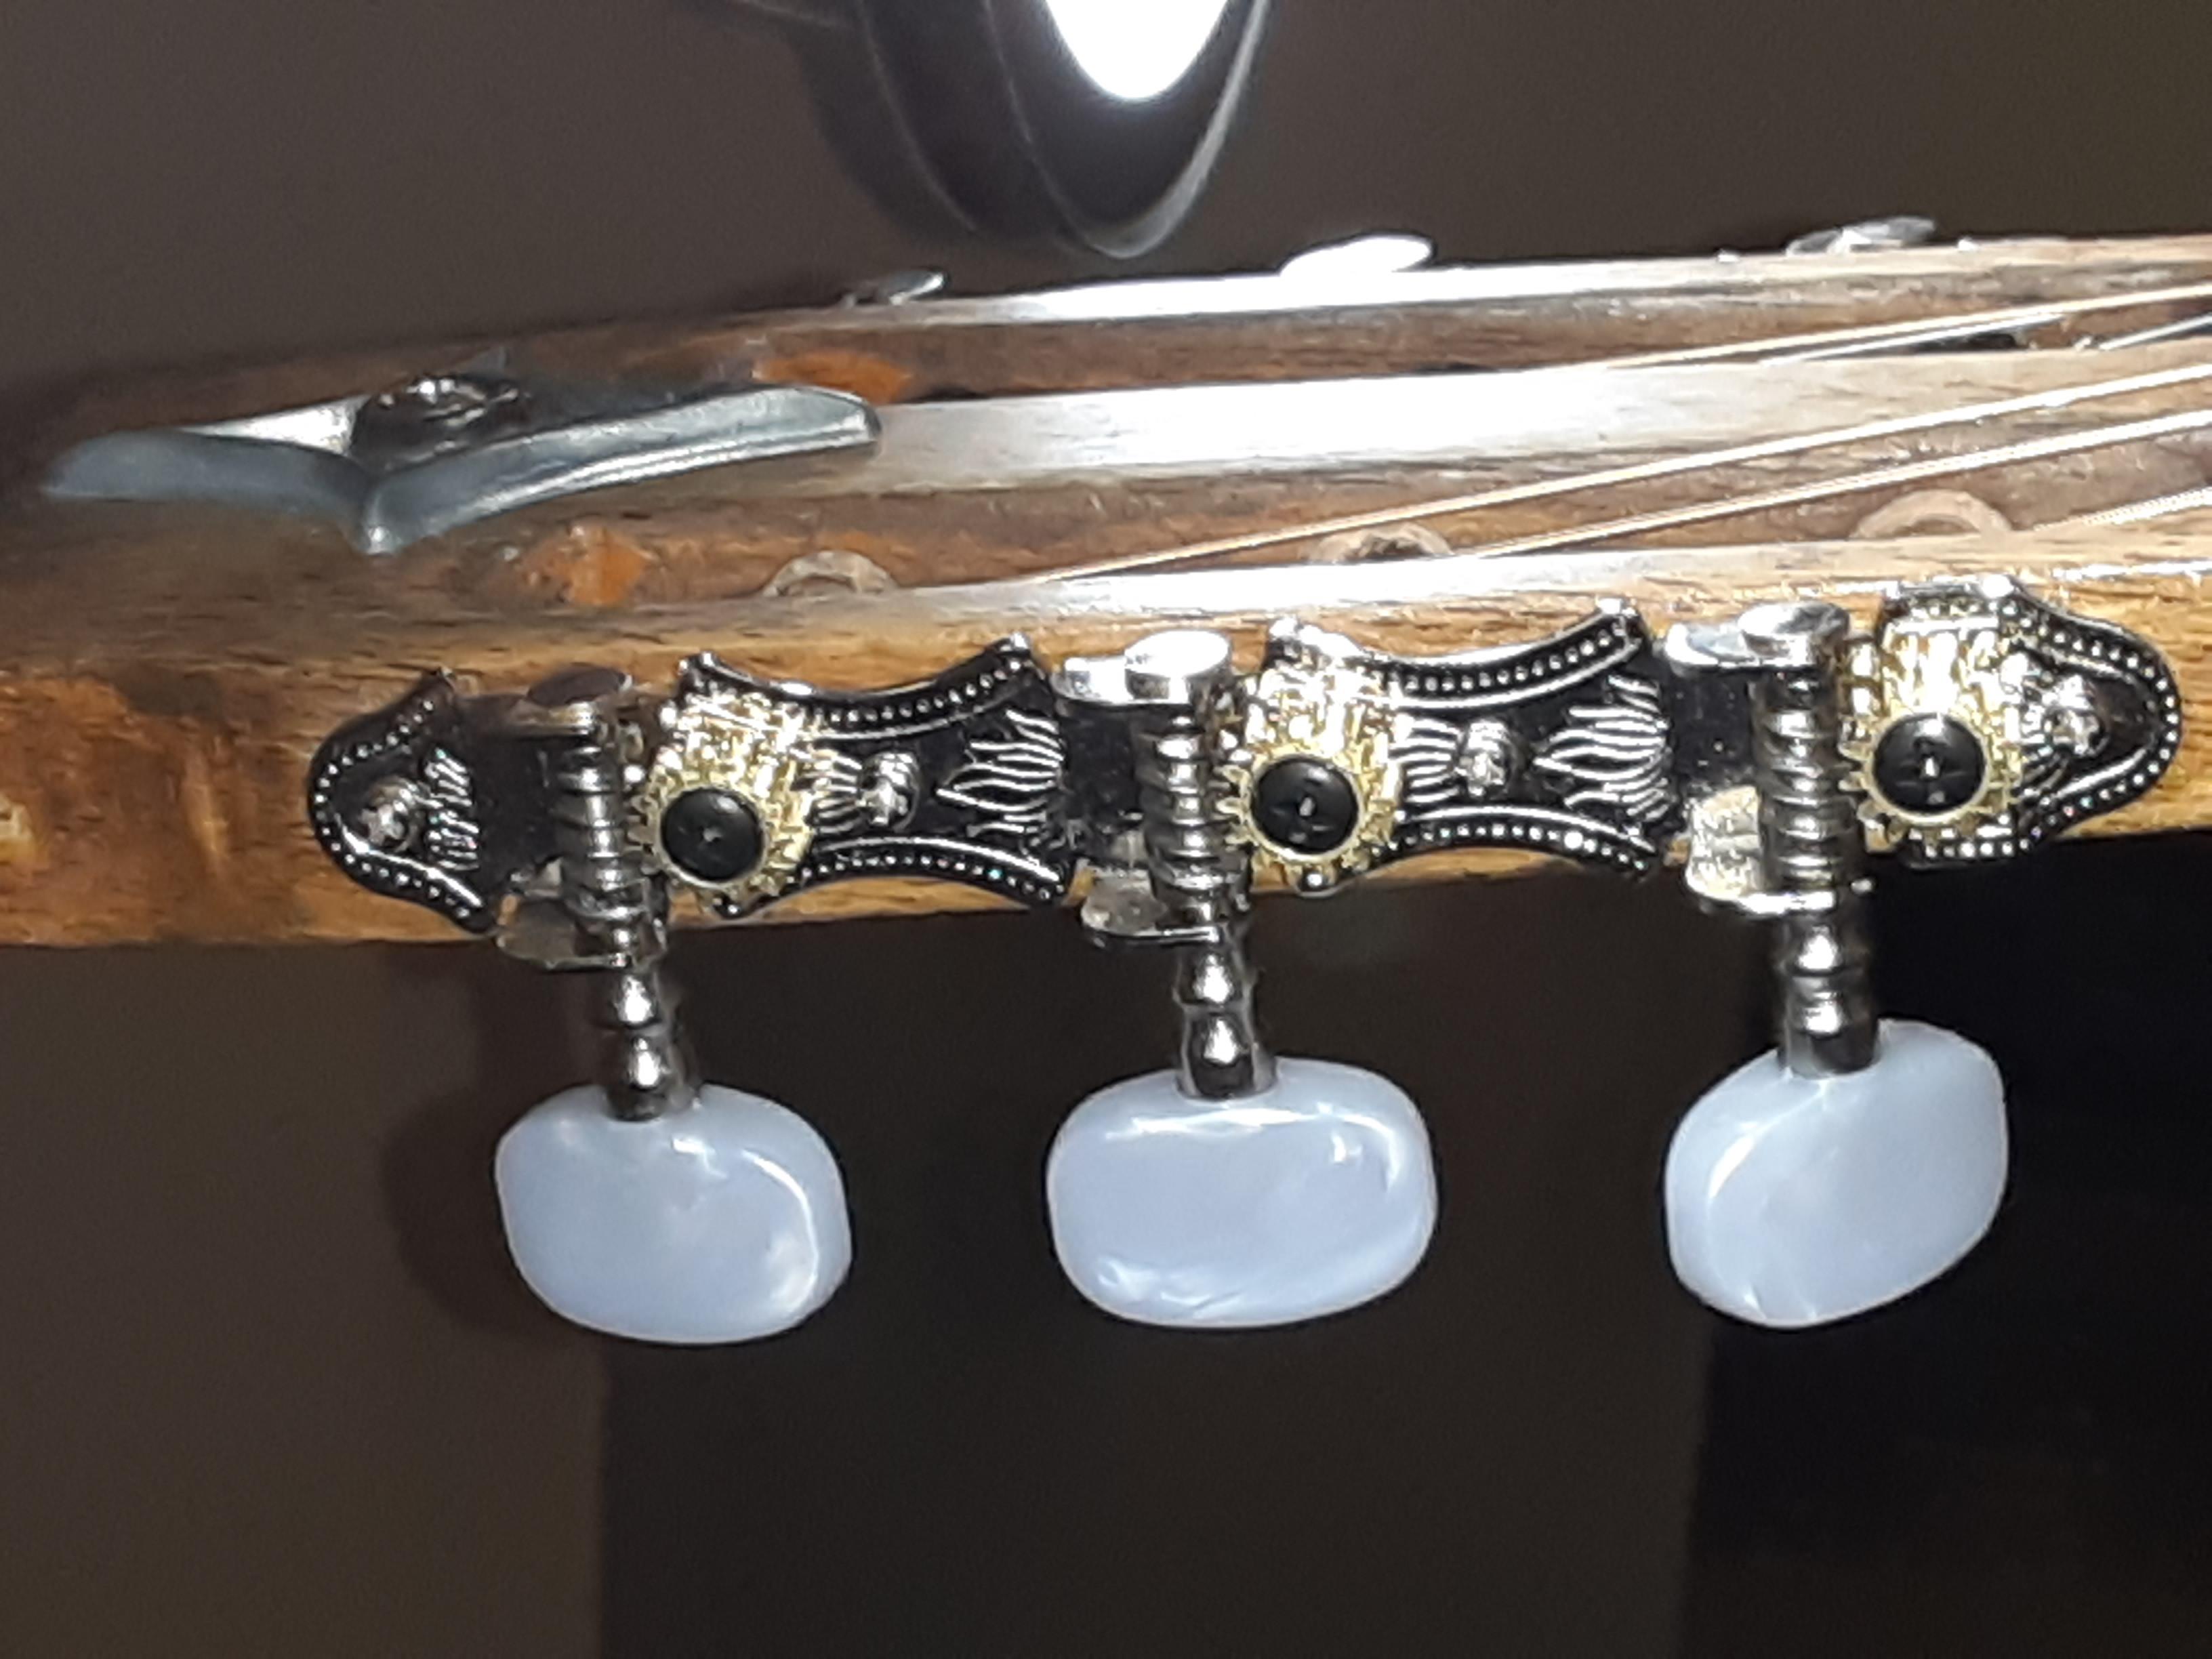 Pearl open gear tuners